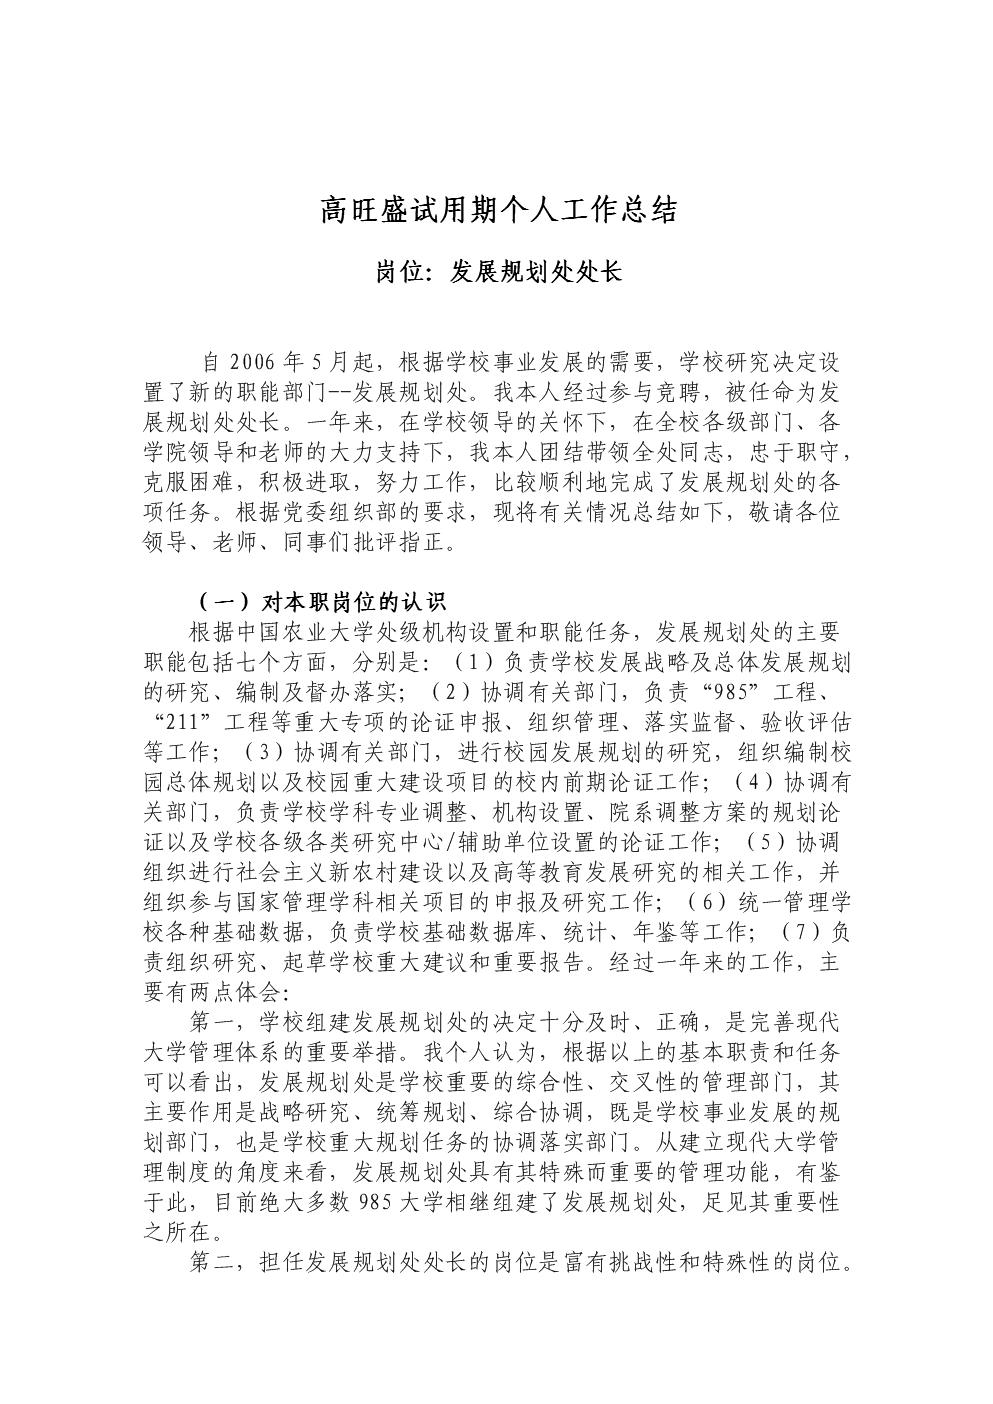 高旺盛试用期个人工作总结.doc